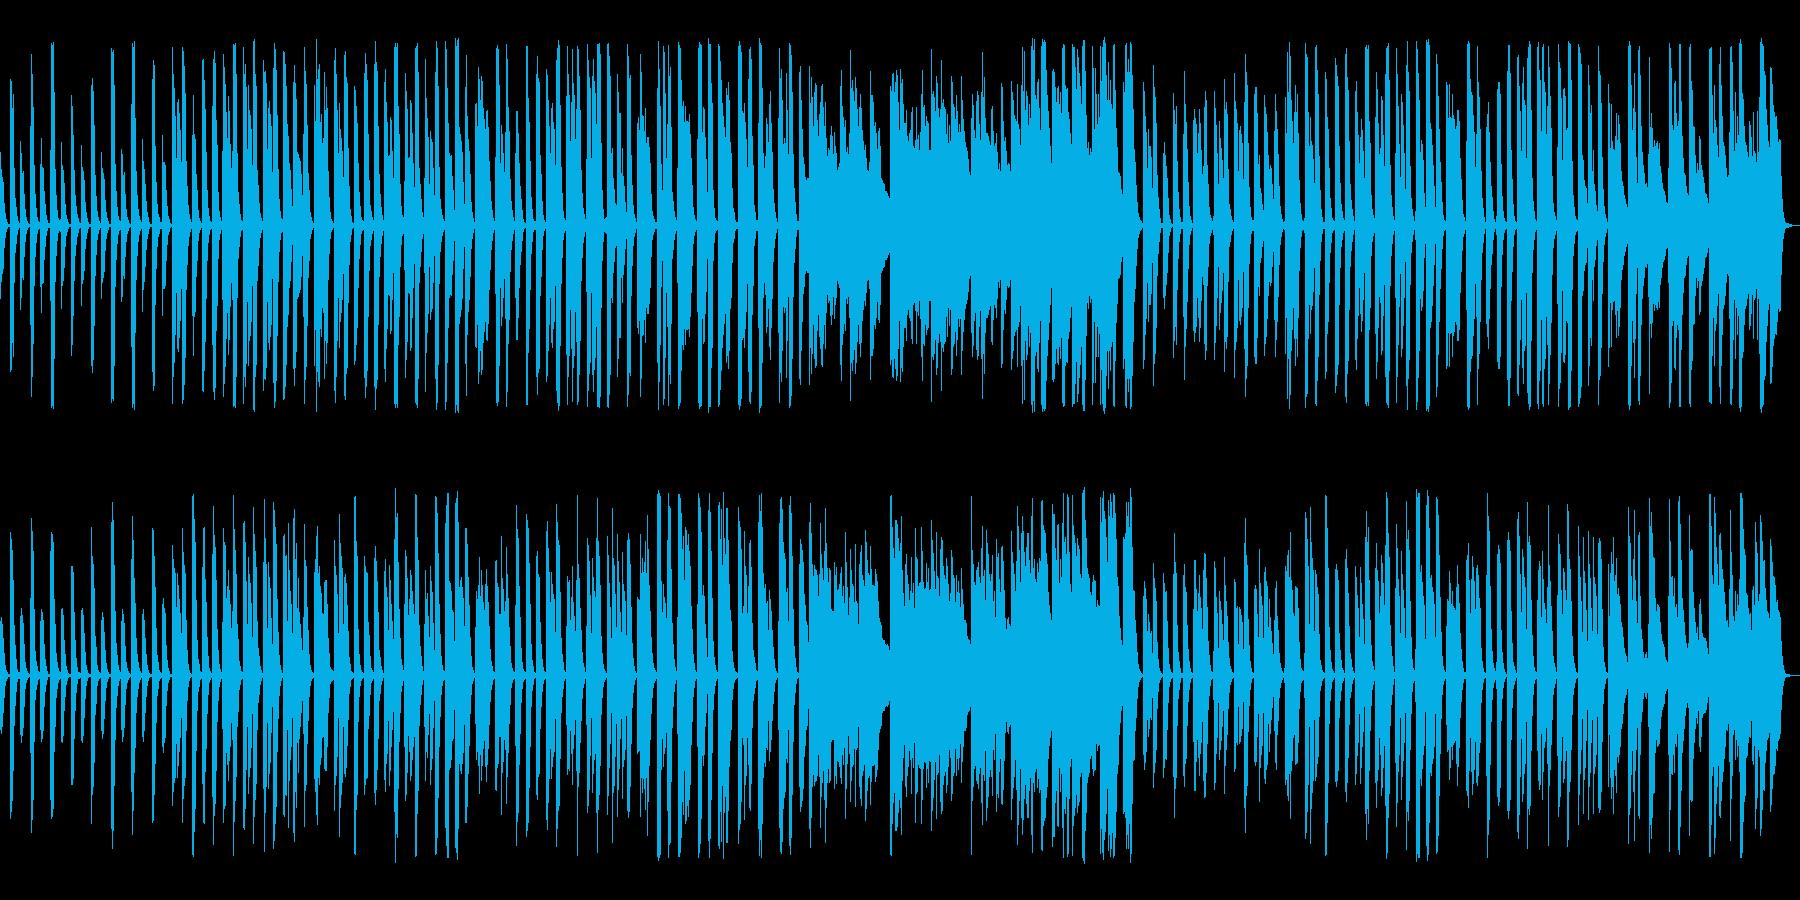 こんぺい糖の踊り ピアノアレンジの再生済みの波形